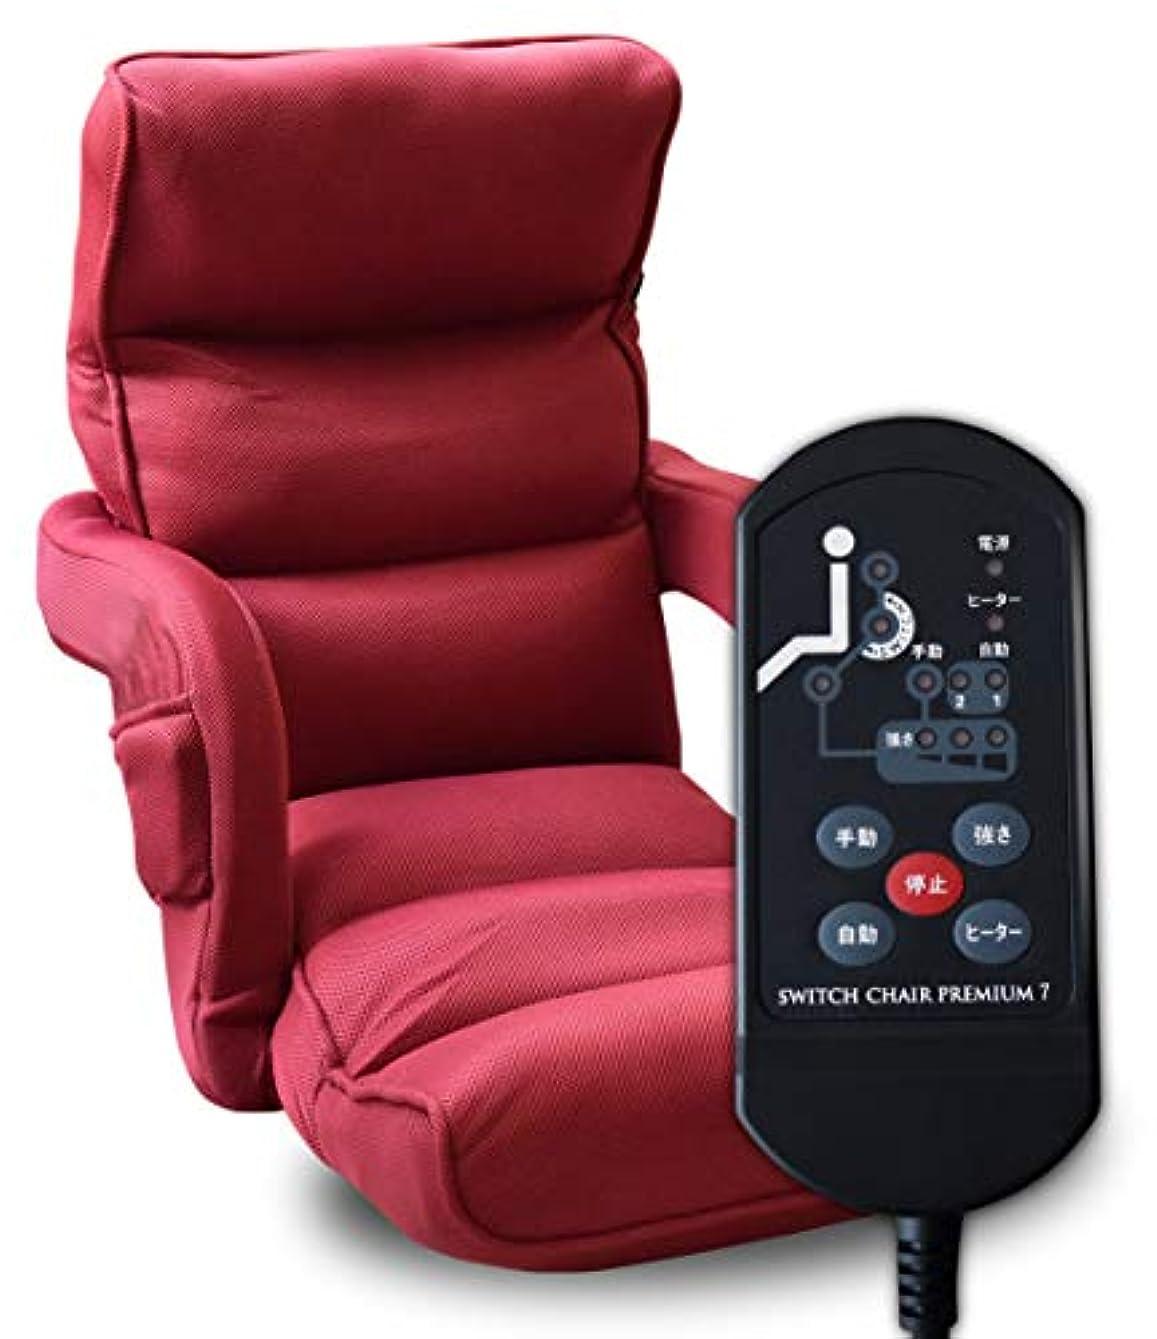 一般スツール指標SWITCH CHAIR PREMIUM 7 マッサージ器 マッサージ機 肘掛け付き座椅子 マッサージ ヒーター 首 肩 腰 肩こり 背中 マッサージチェア ビクトリアンローズ